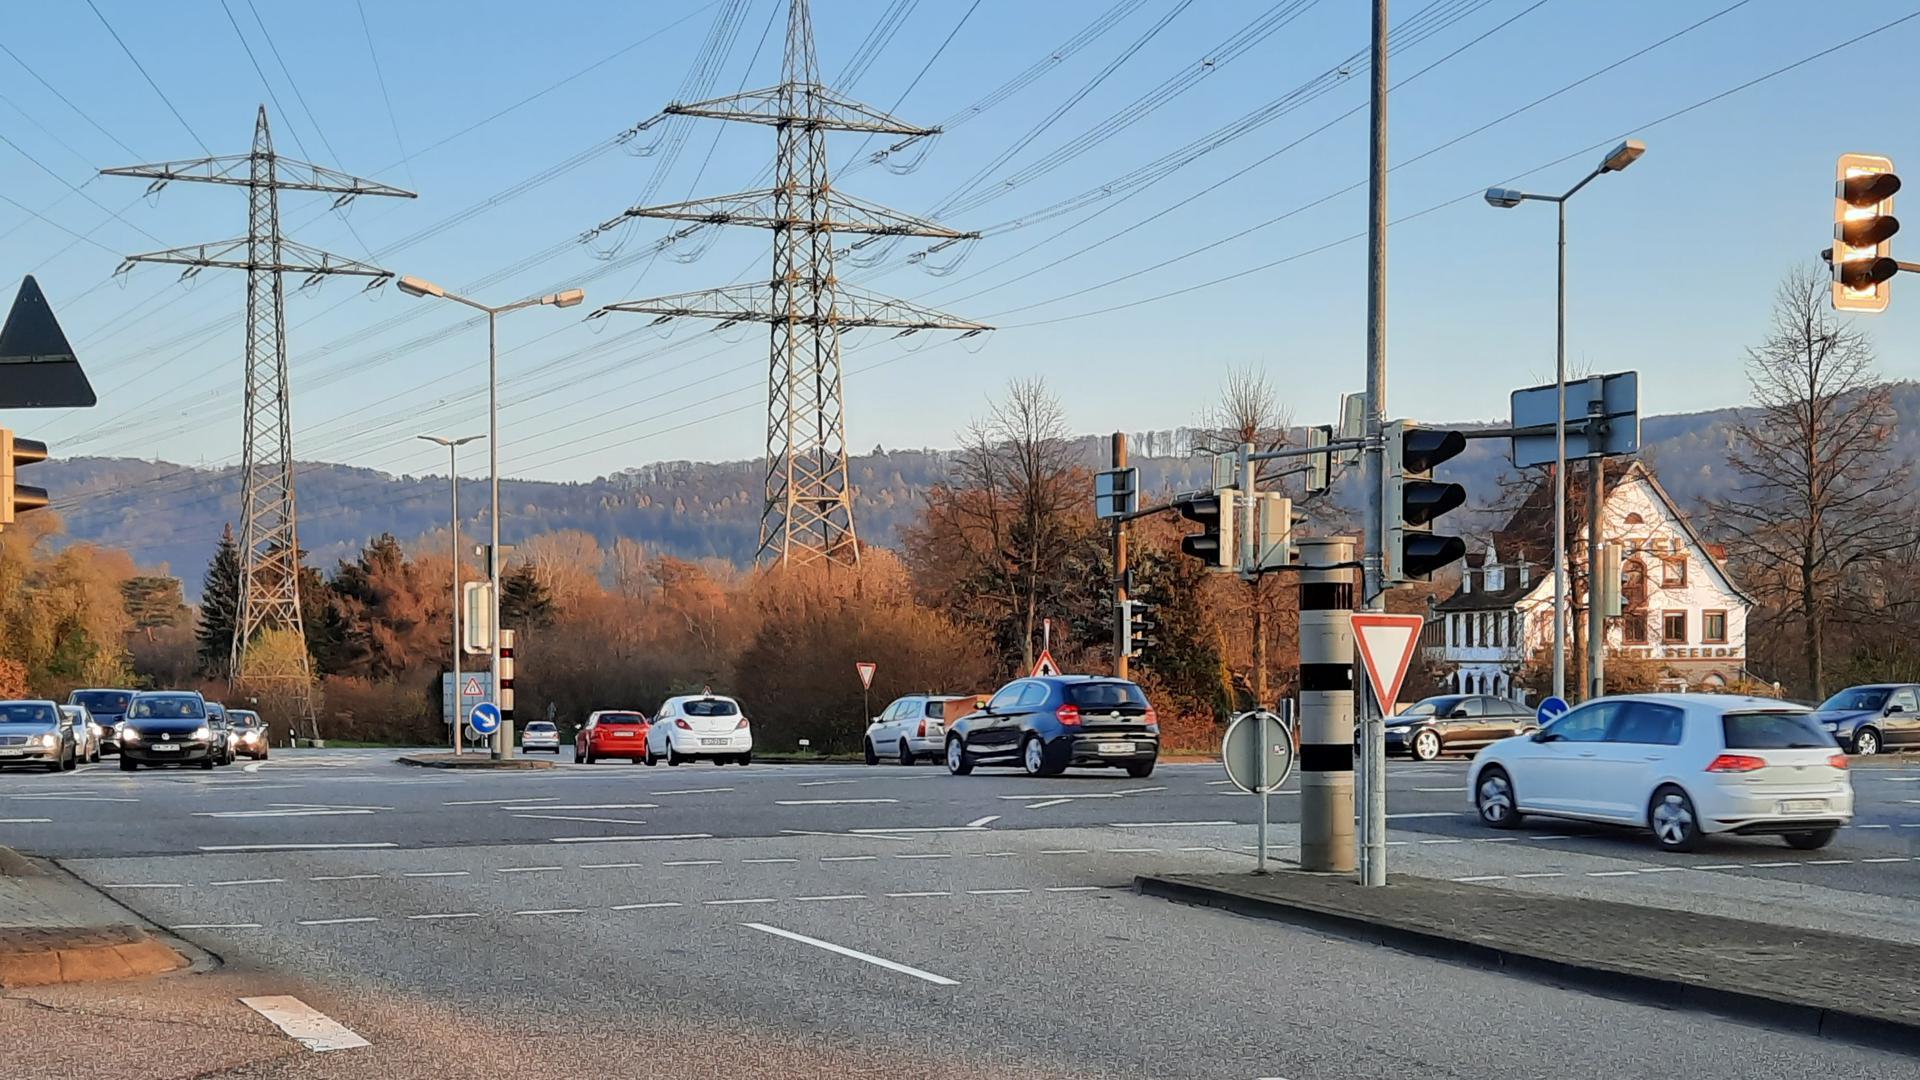 Registriert Rotlicht- und Geschwindigkeitsverstöße: Der stationäre Blitzer an der Seehof-Kreuzung